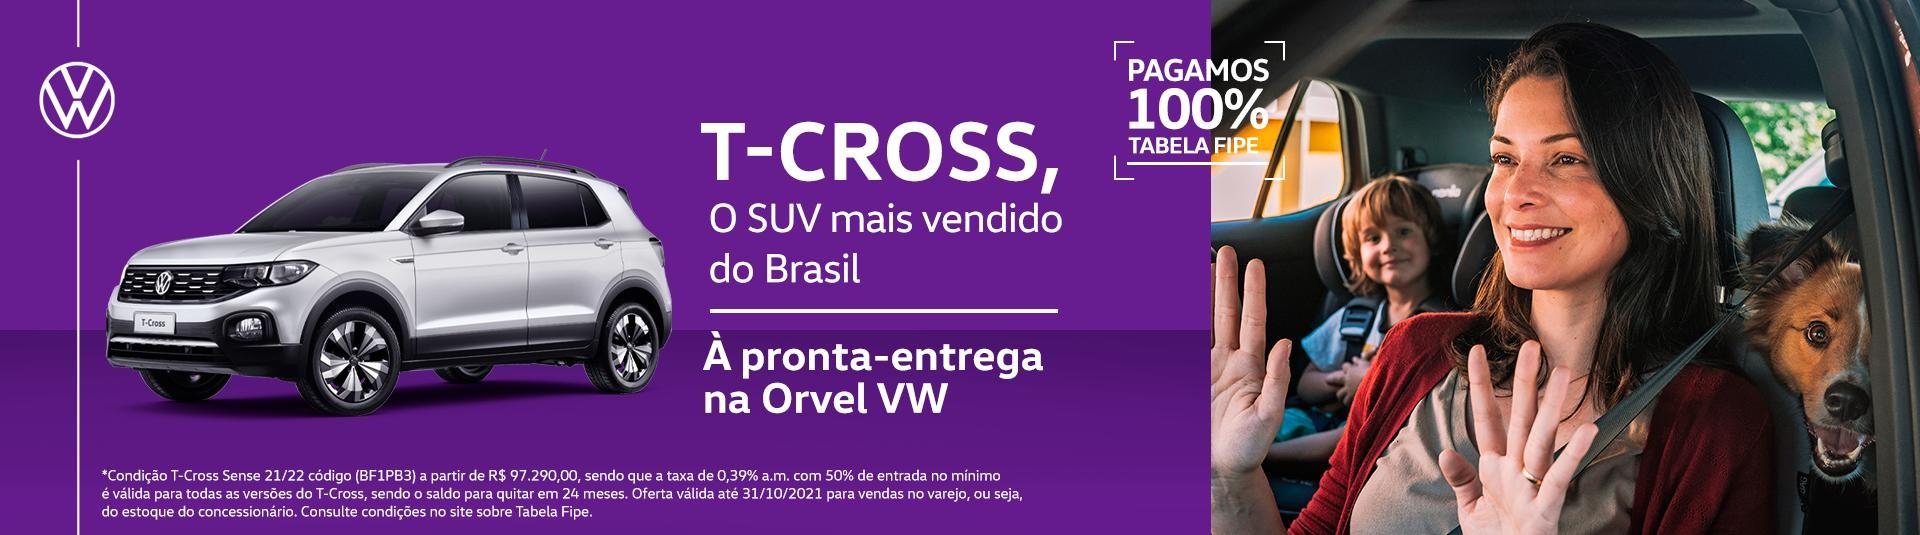 t-cross_outubro